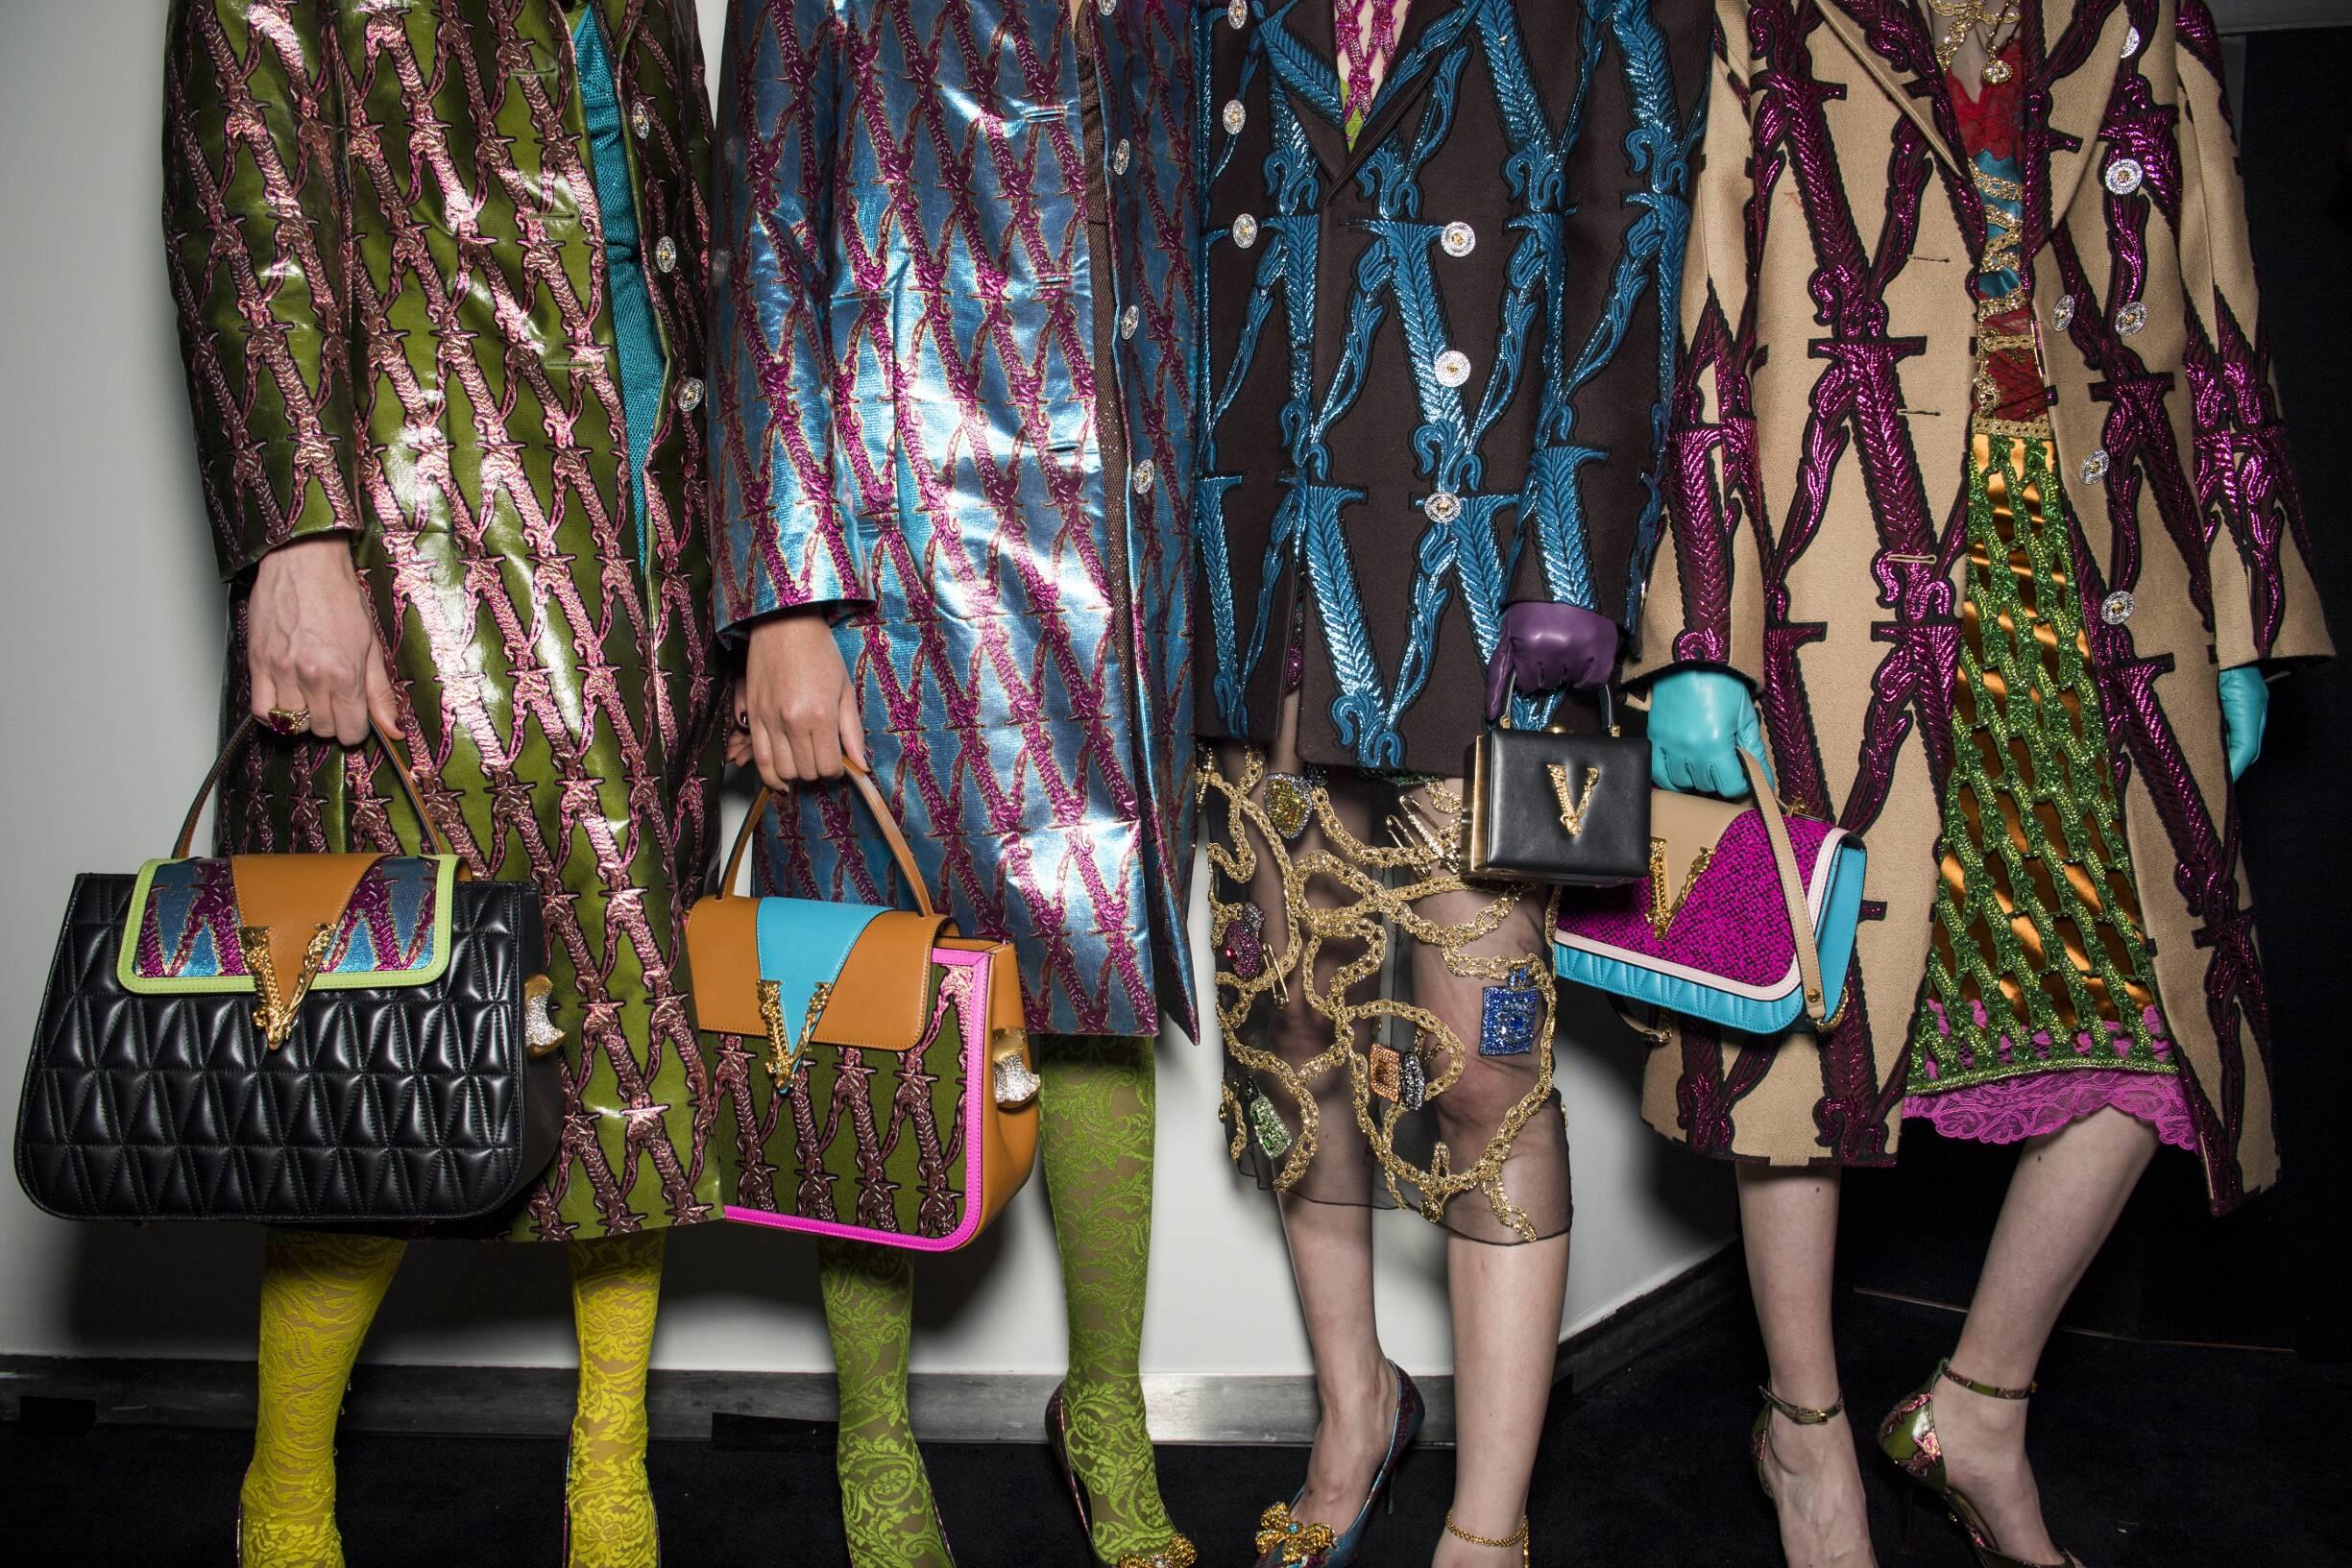 Backstage Versace Milan Fashion Week Bags